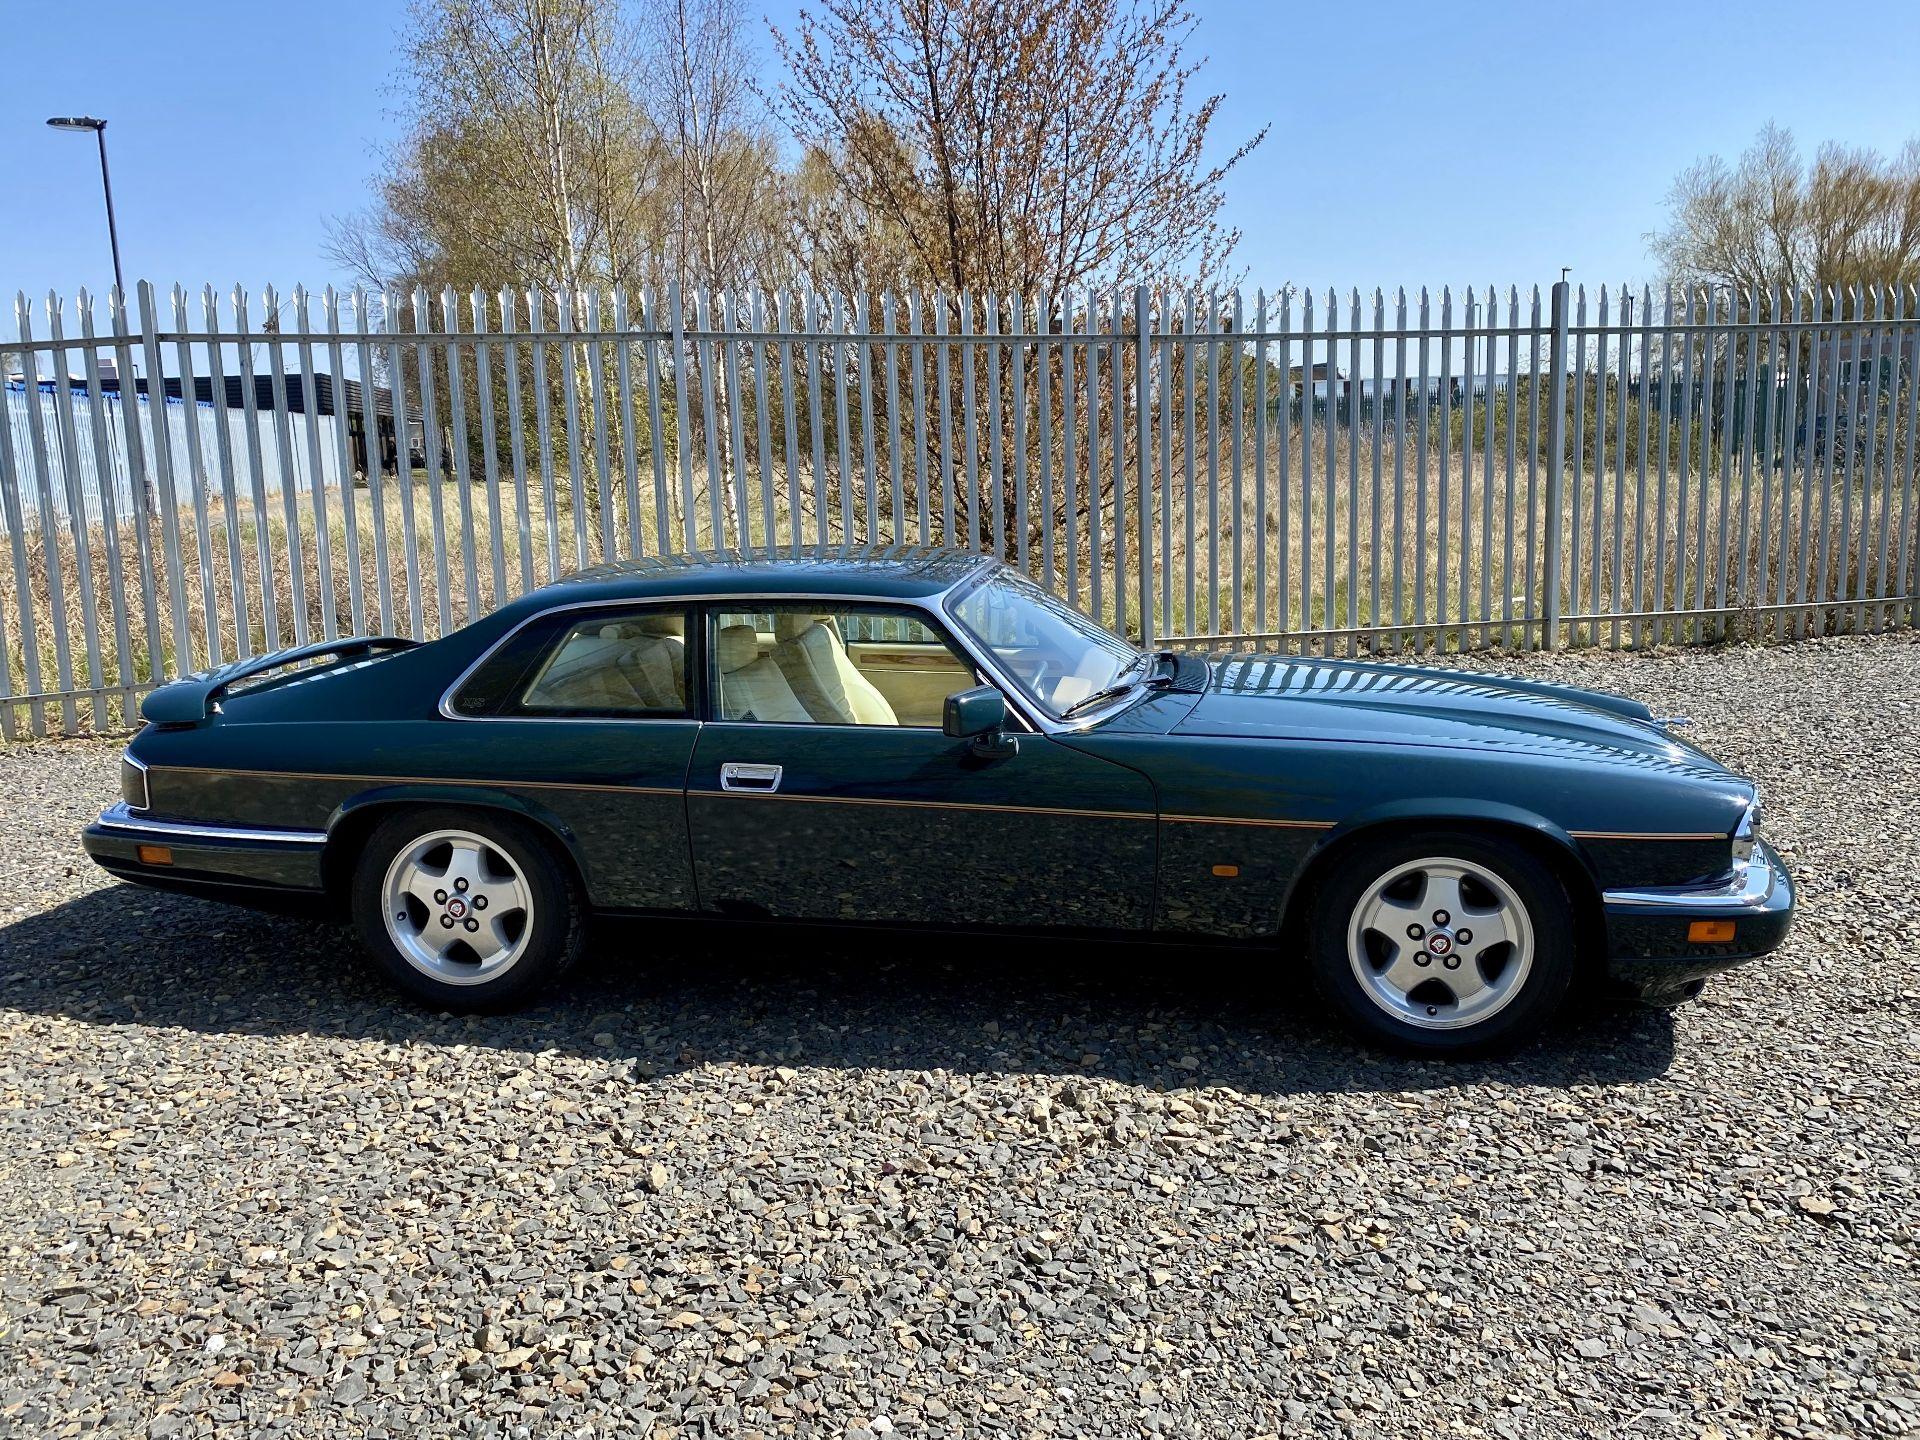 Jaguar XJS coupe - Image 3 of 64